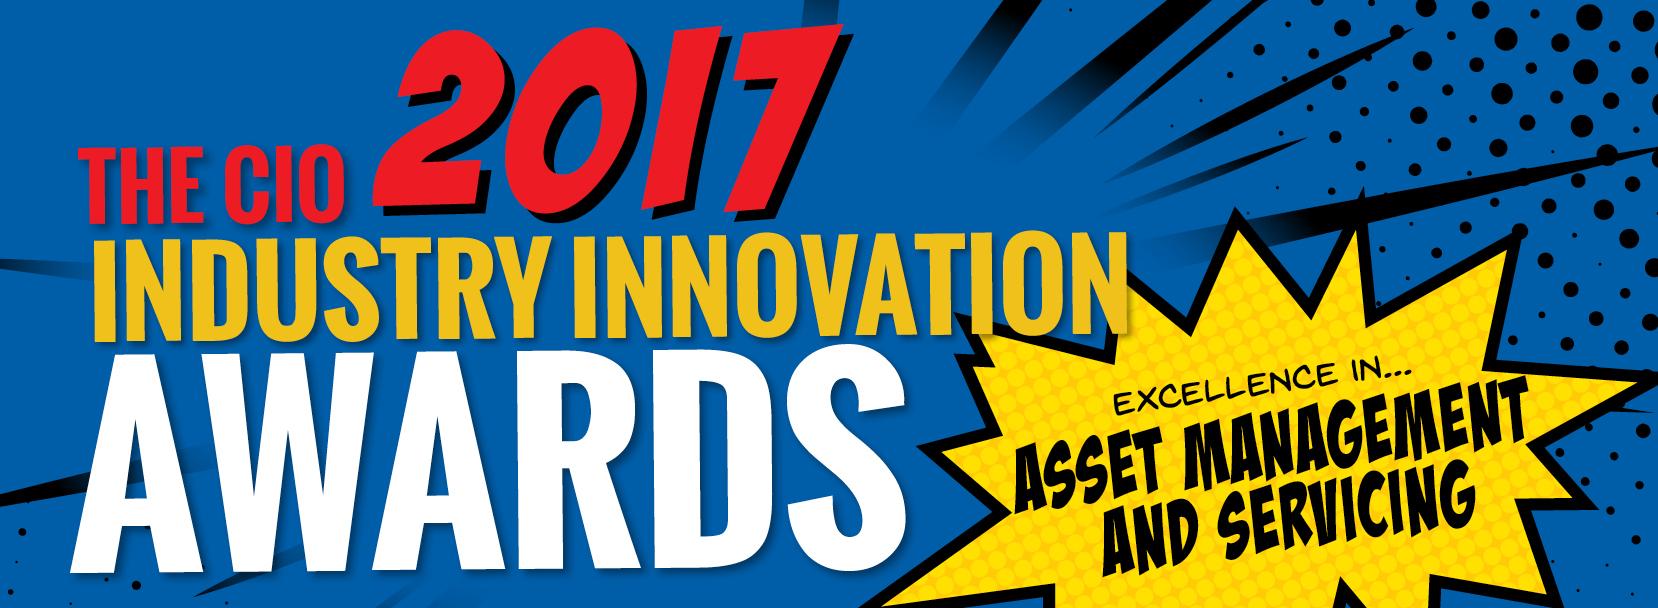 industry-innovation-awards-2016